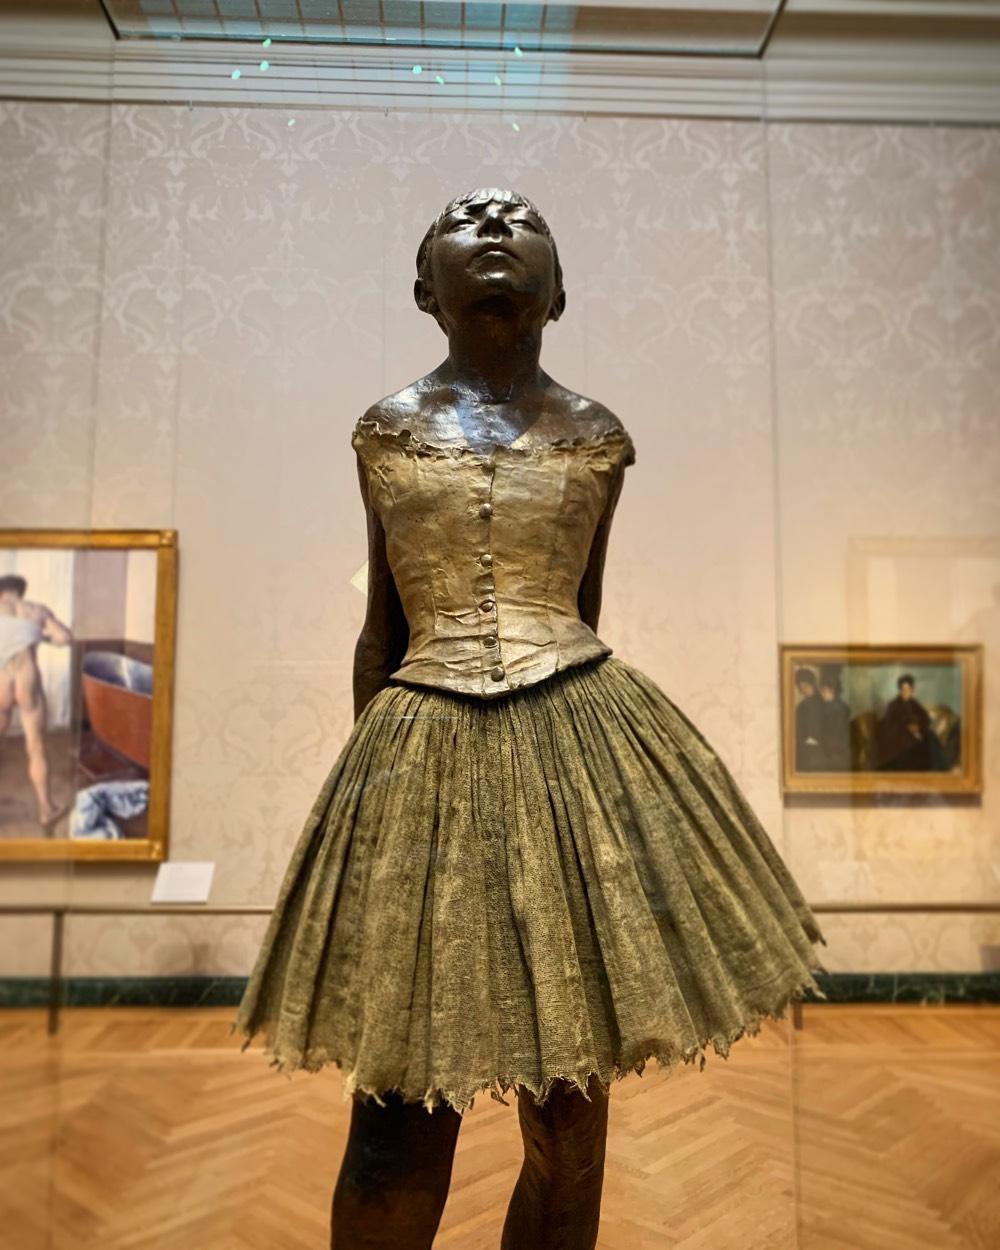 La Petite Danseuse De Degas : petite, danseuse, degas, Petite, Danseuse, Quatorze